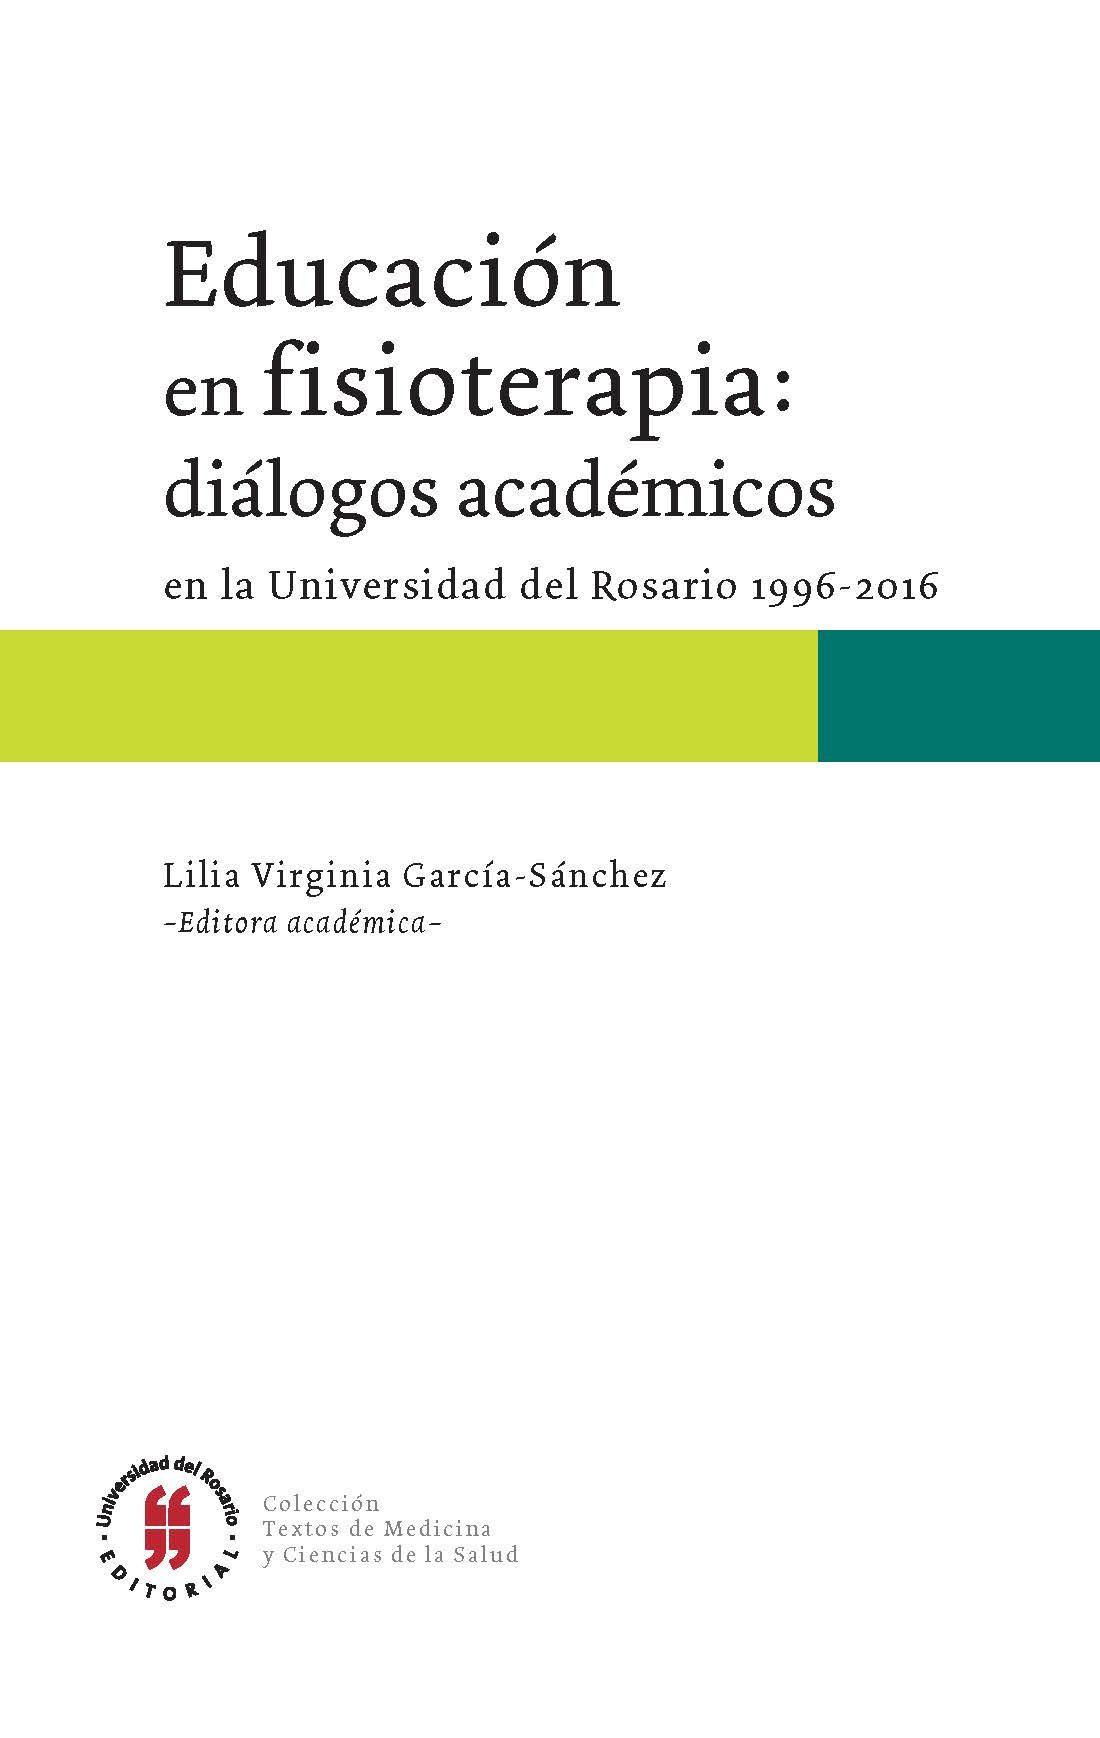 Educación en Fisioterapia: diálogos académicos en la Universidad del Rosario (1996-2016)